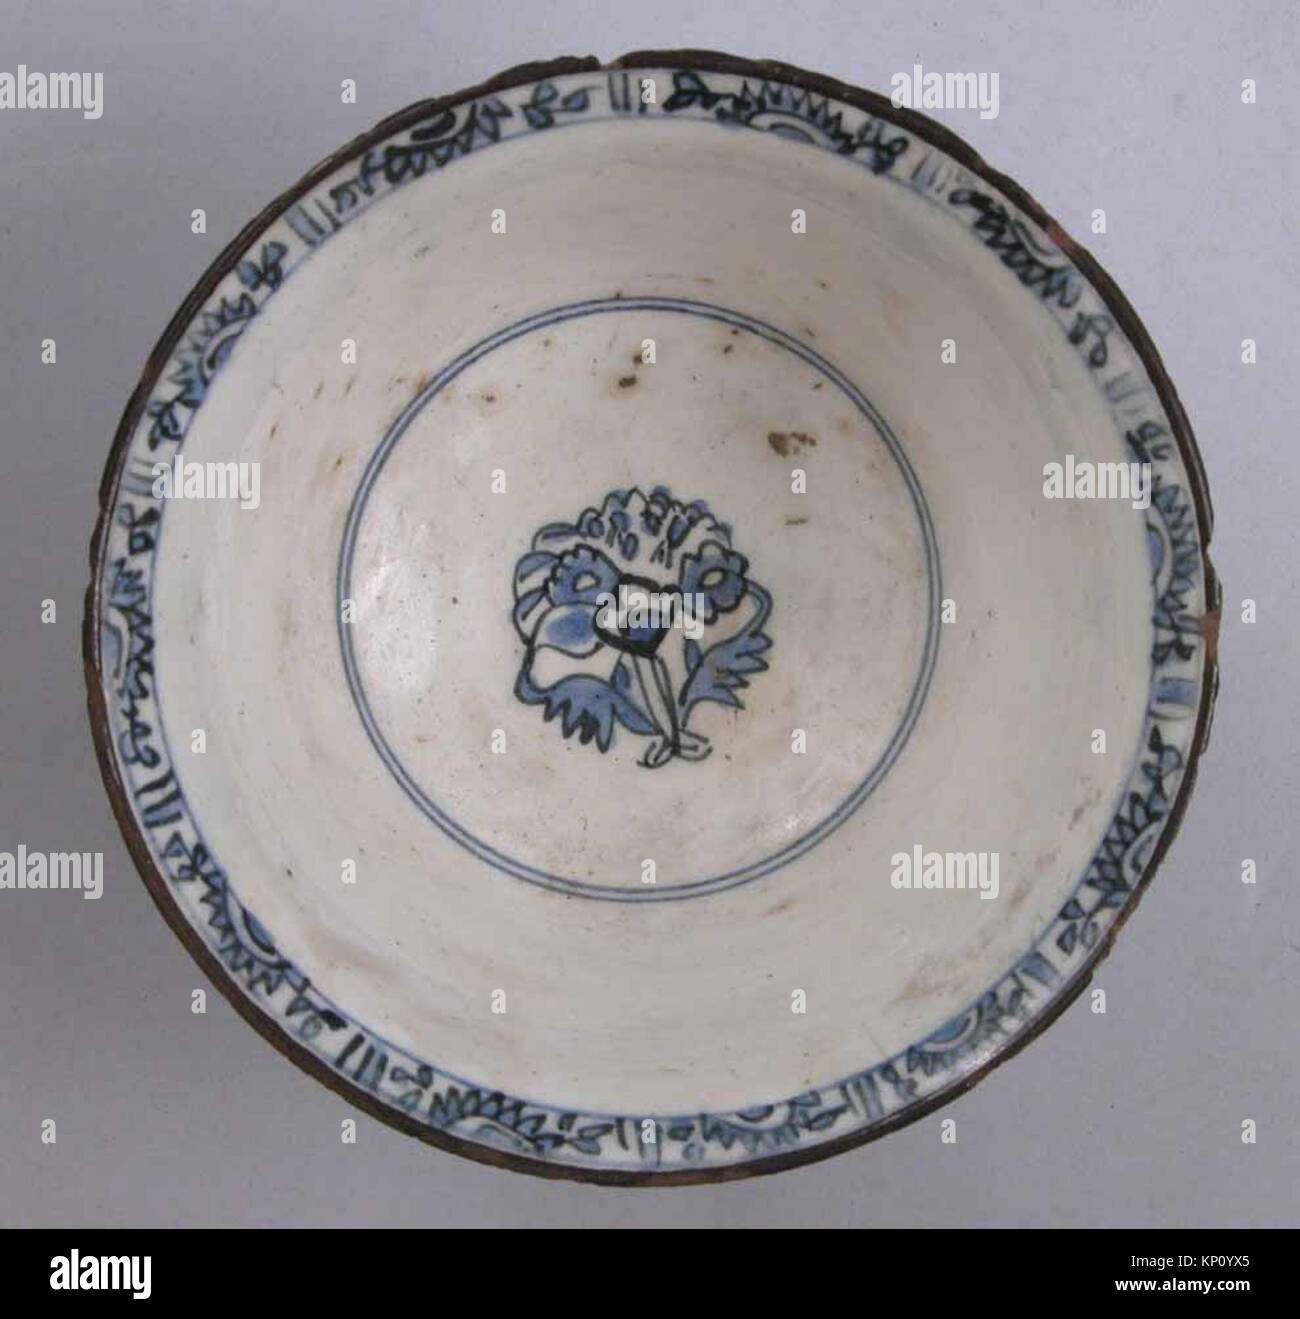 Bowl MET sf02-5-45c 444881 - Stock Image